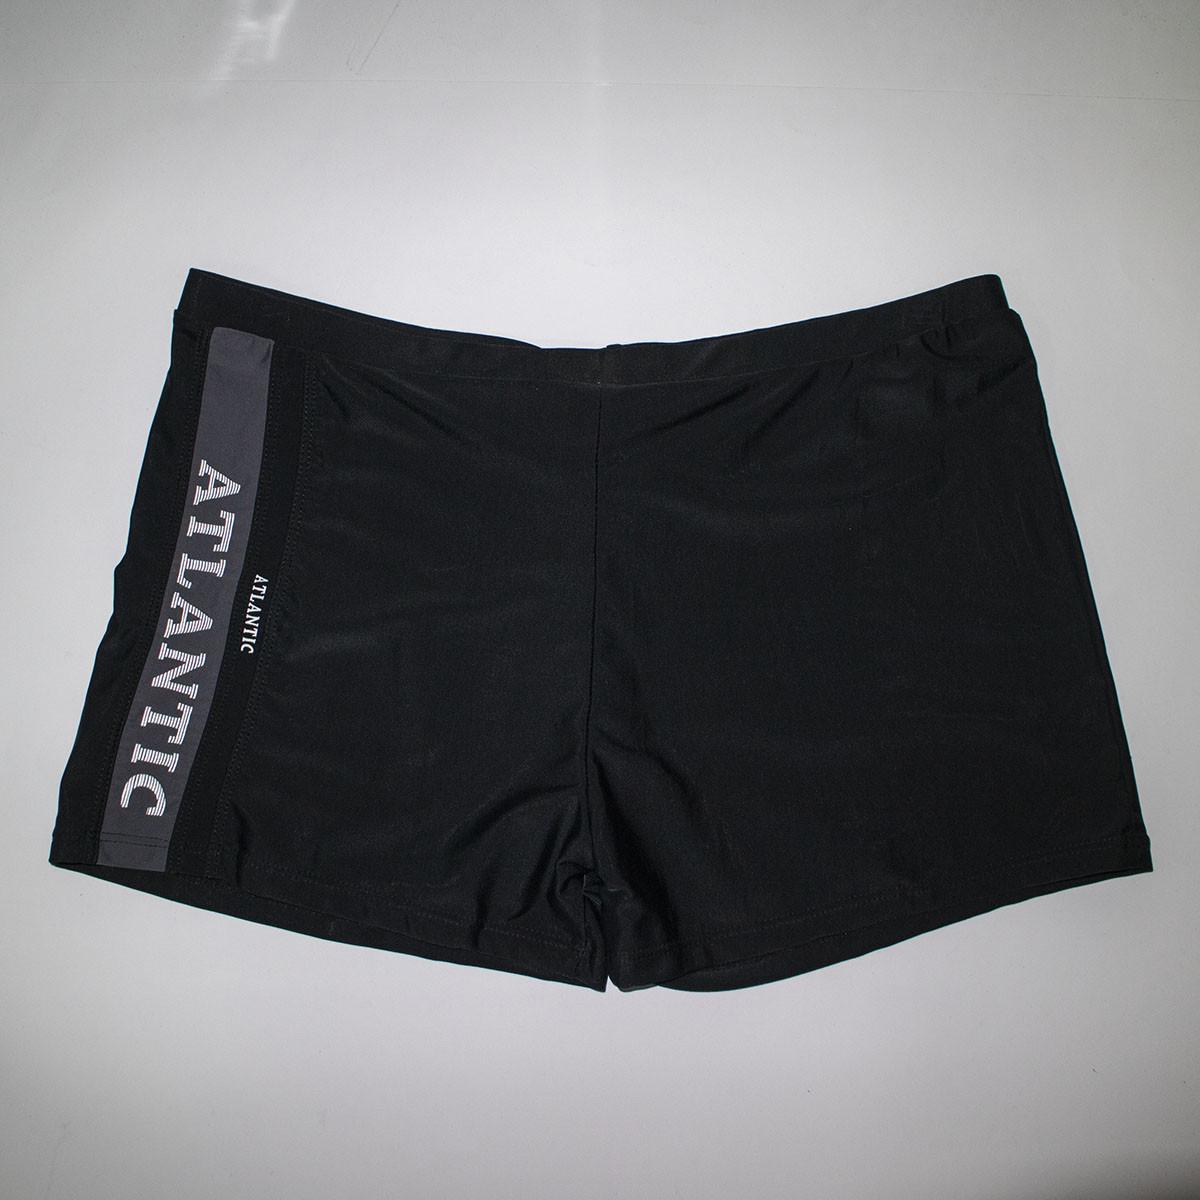 Мужские черные шорты боксеры больших размеров Баталы R208G